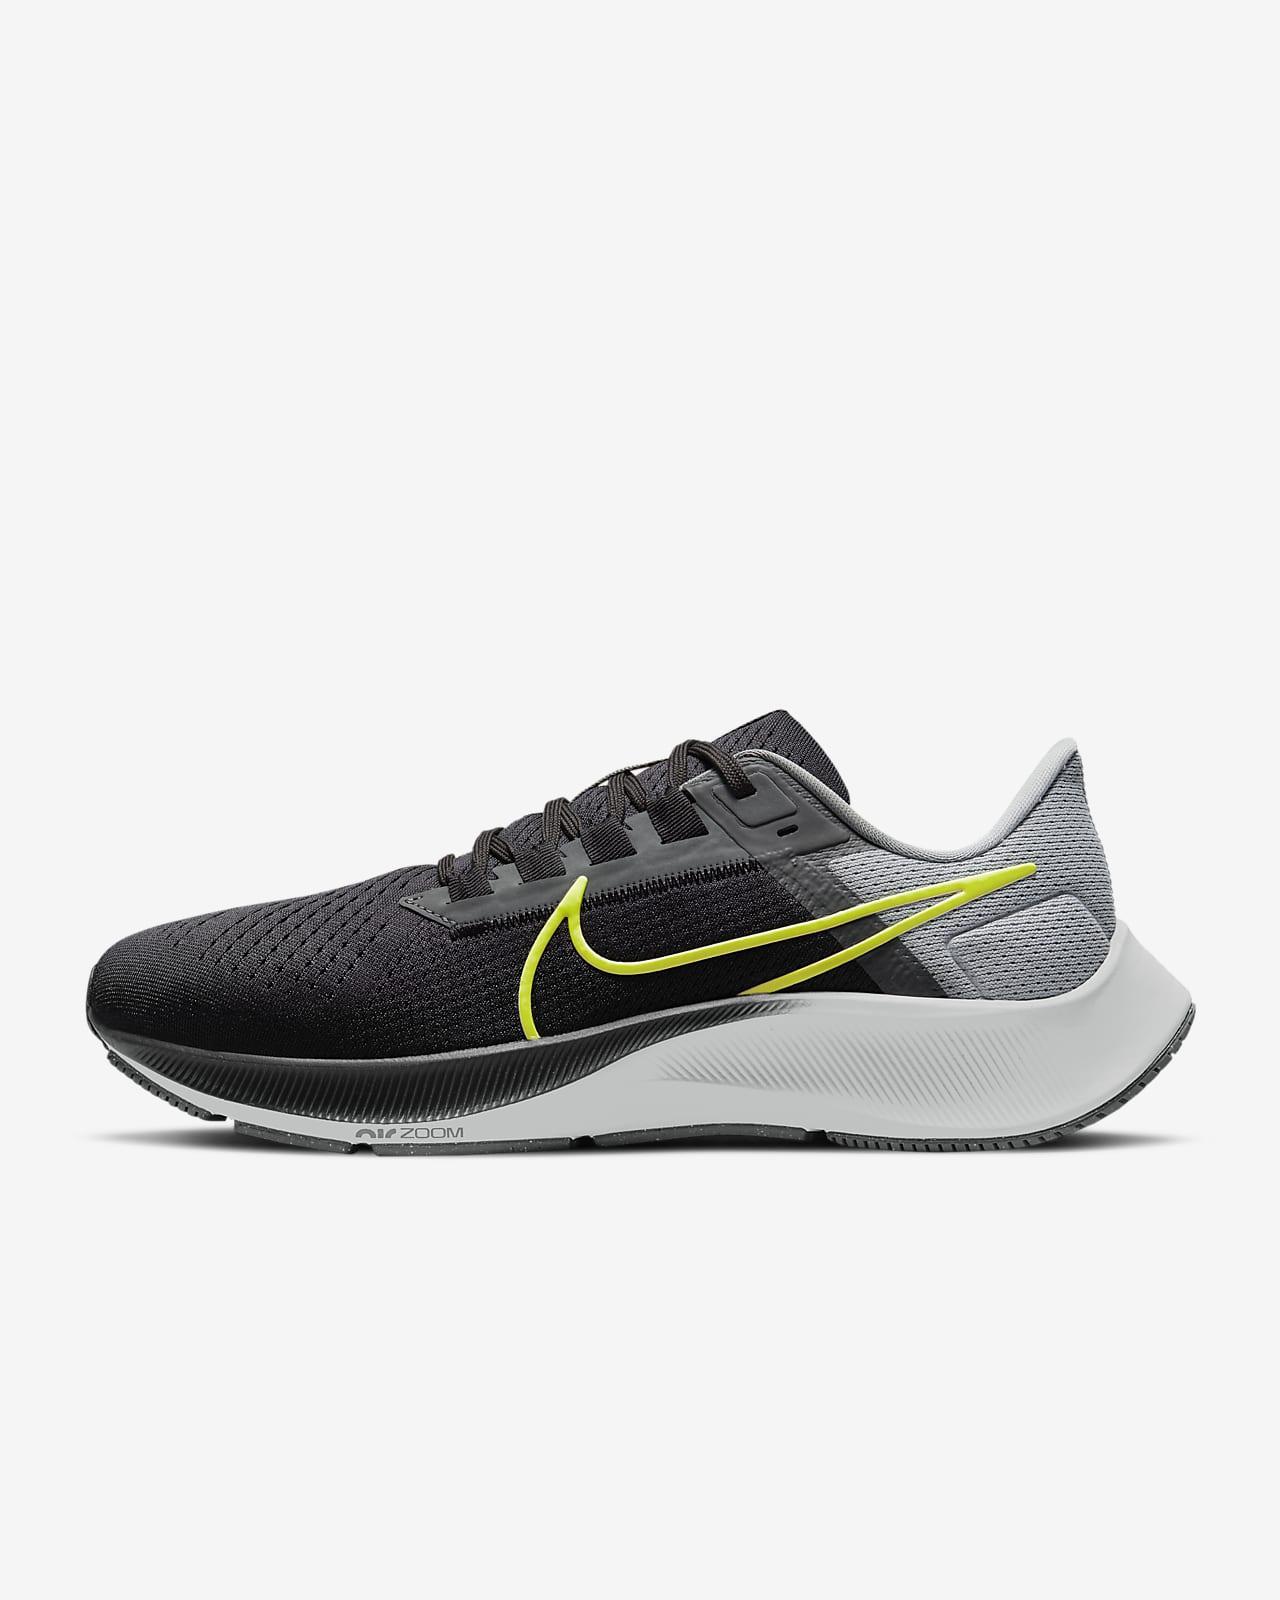 Nike Air Zoom Pegasus 38 Men's Road Running Shoes